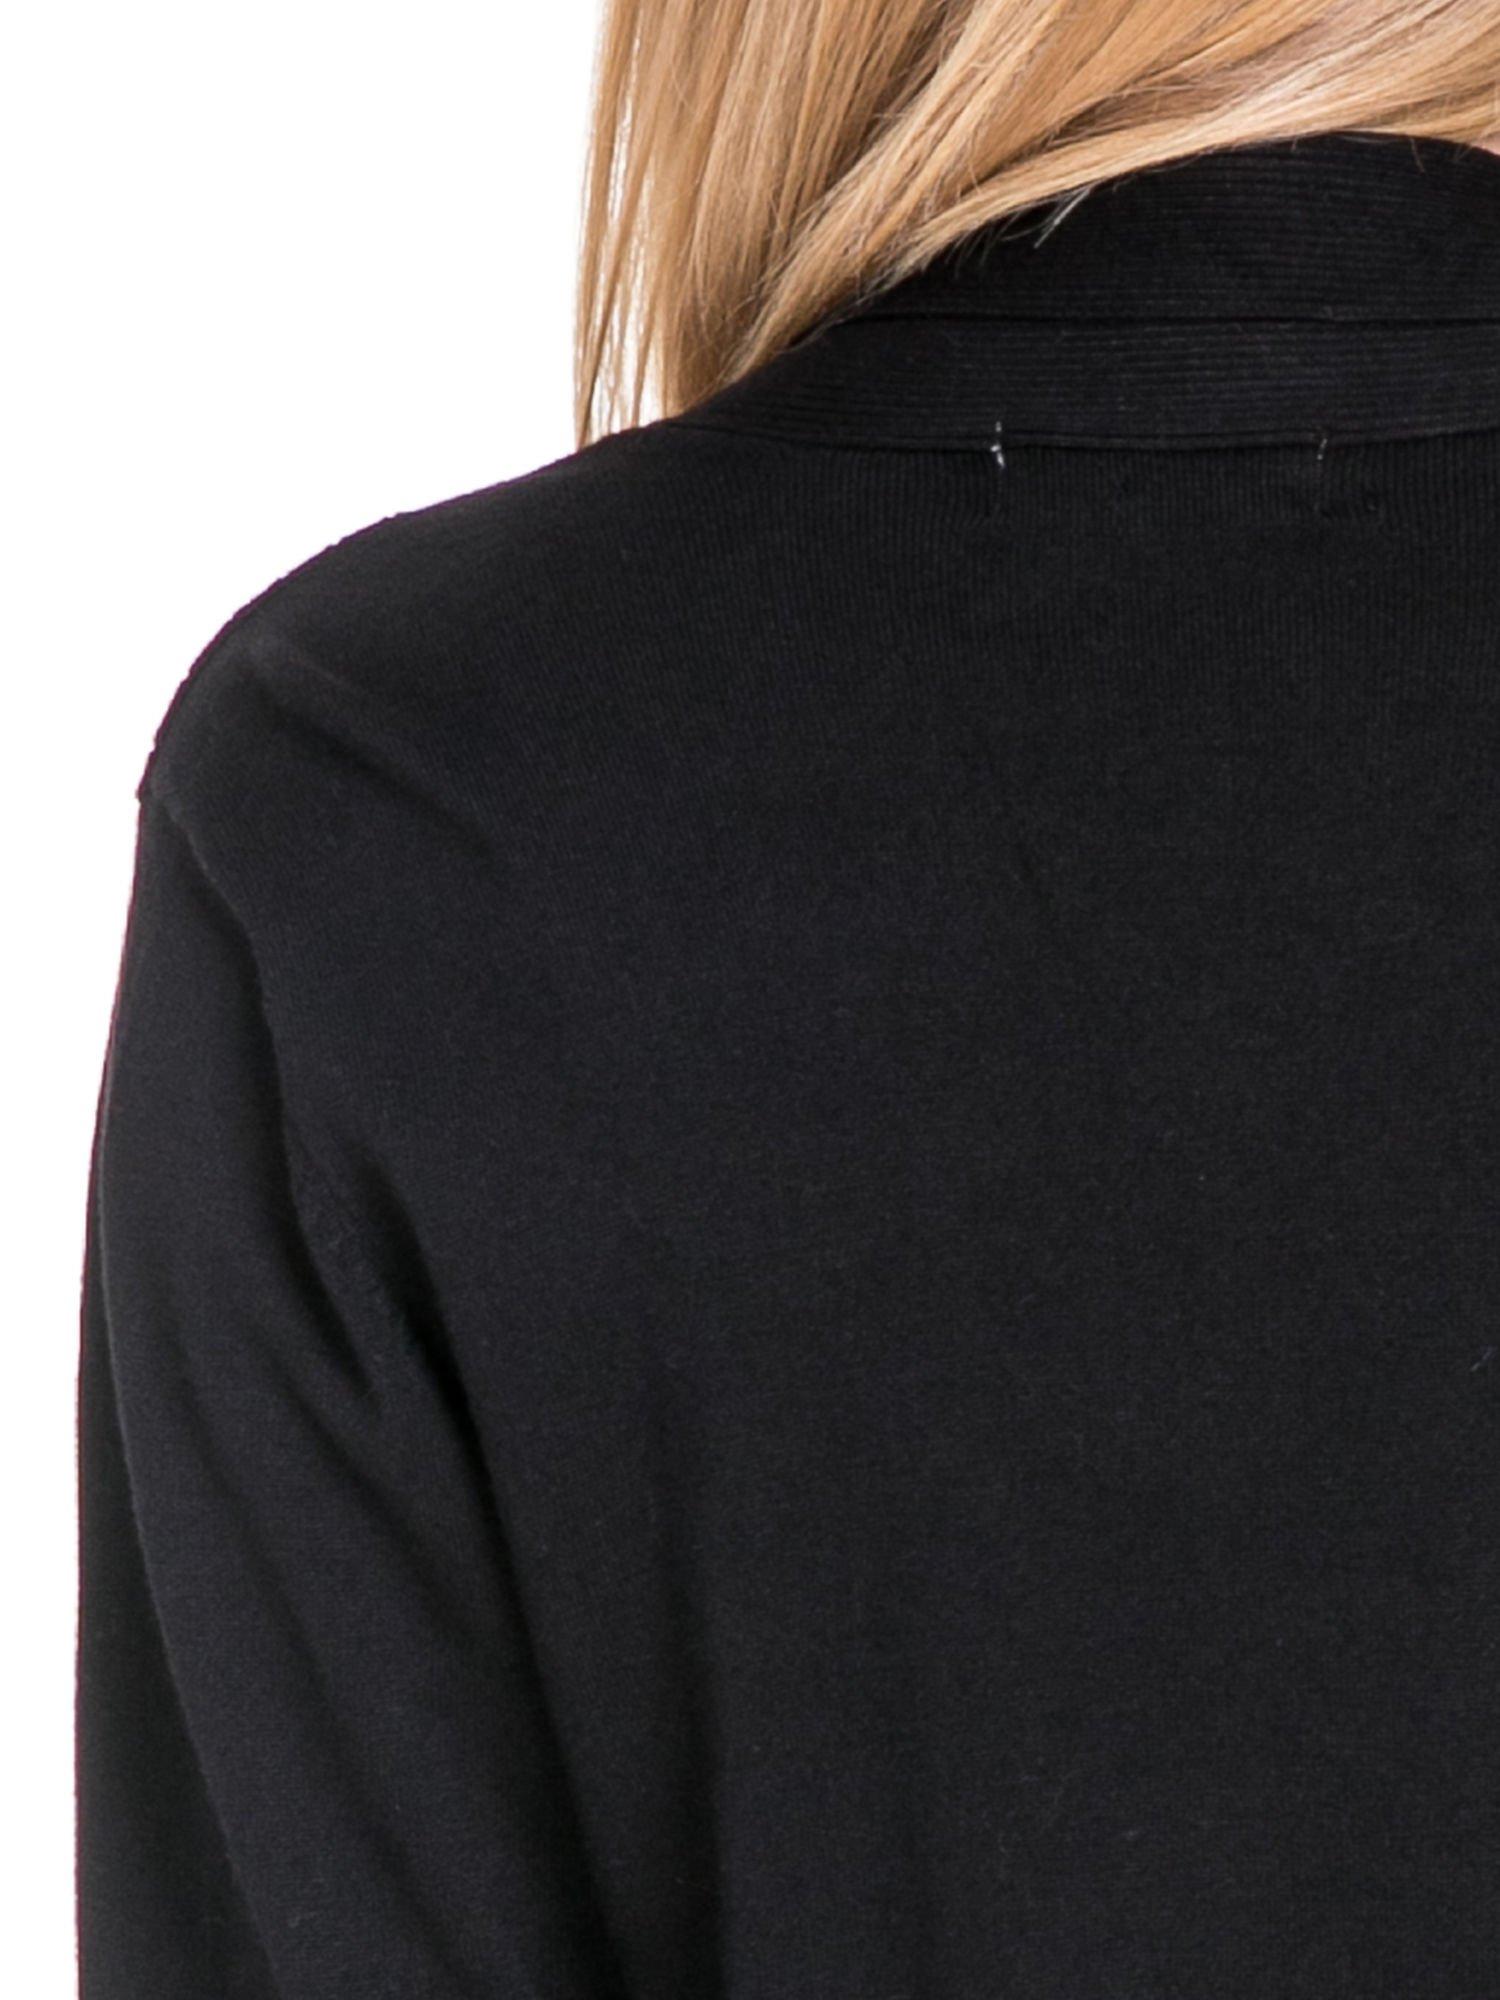 Czarny sweter kardigan z podwijanym rękawami z guziczkami                                  zdj.                                  7